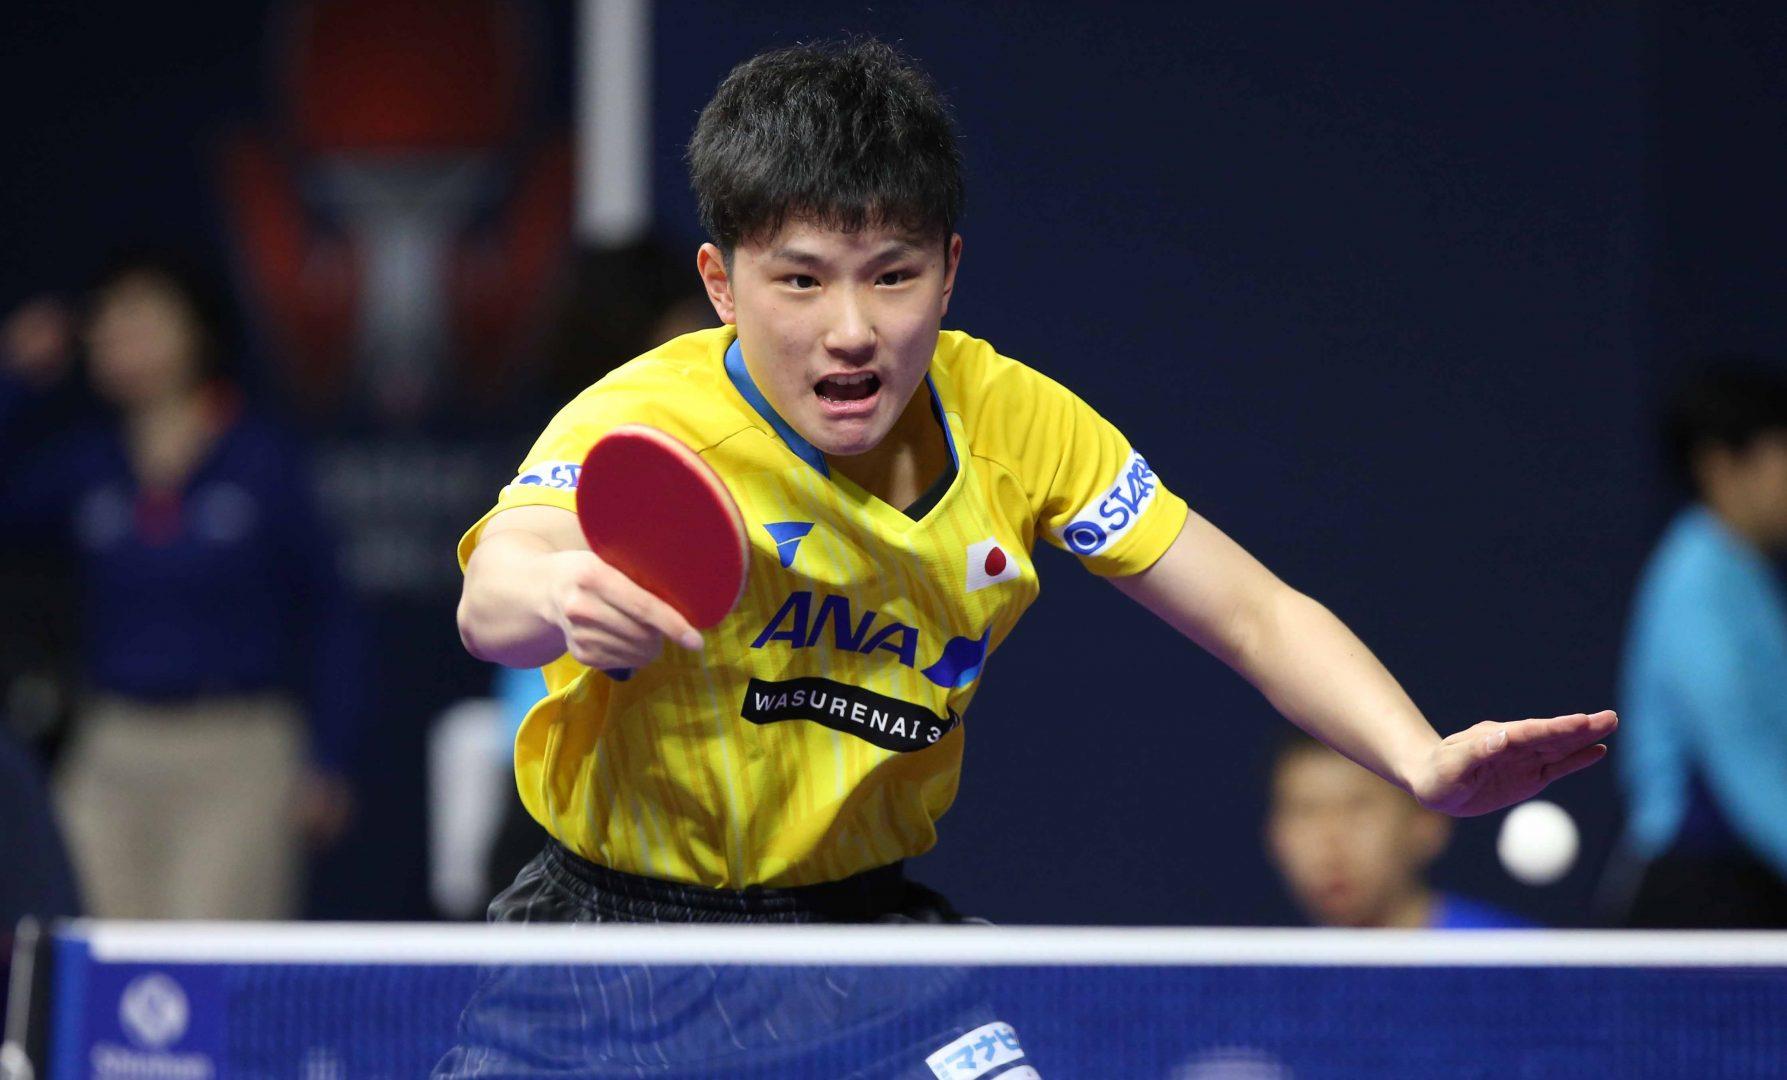 アジア卓球選手権が話題に(9月16日~9月22日アクセスランキング)